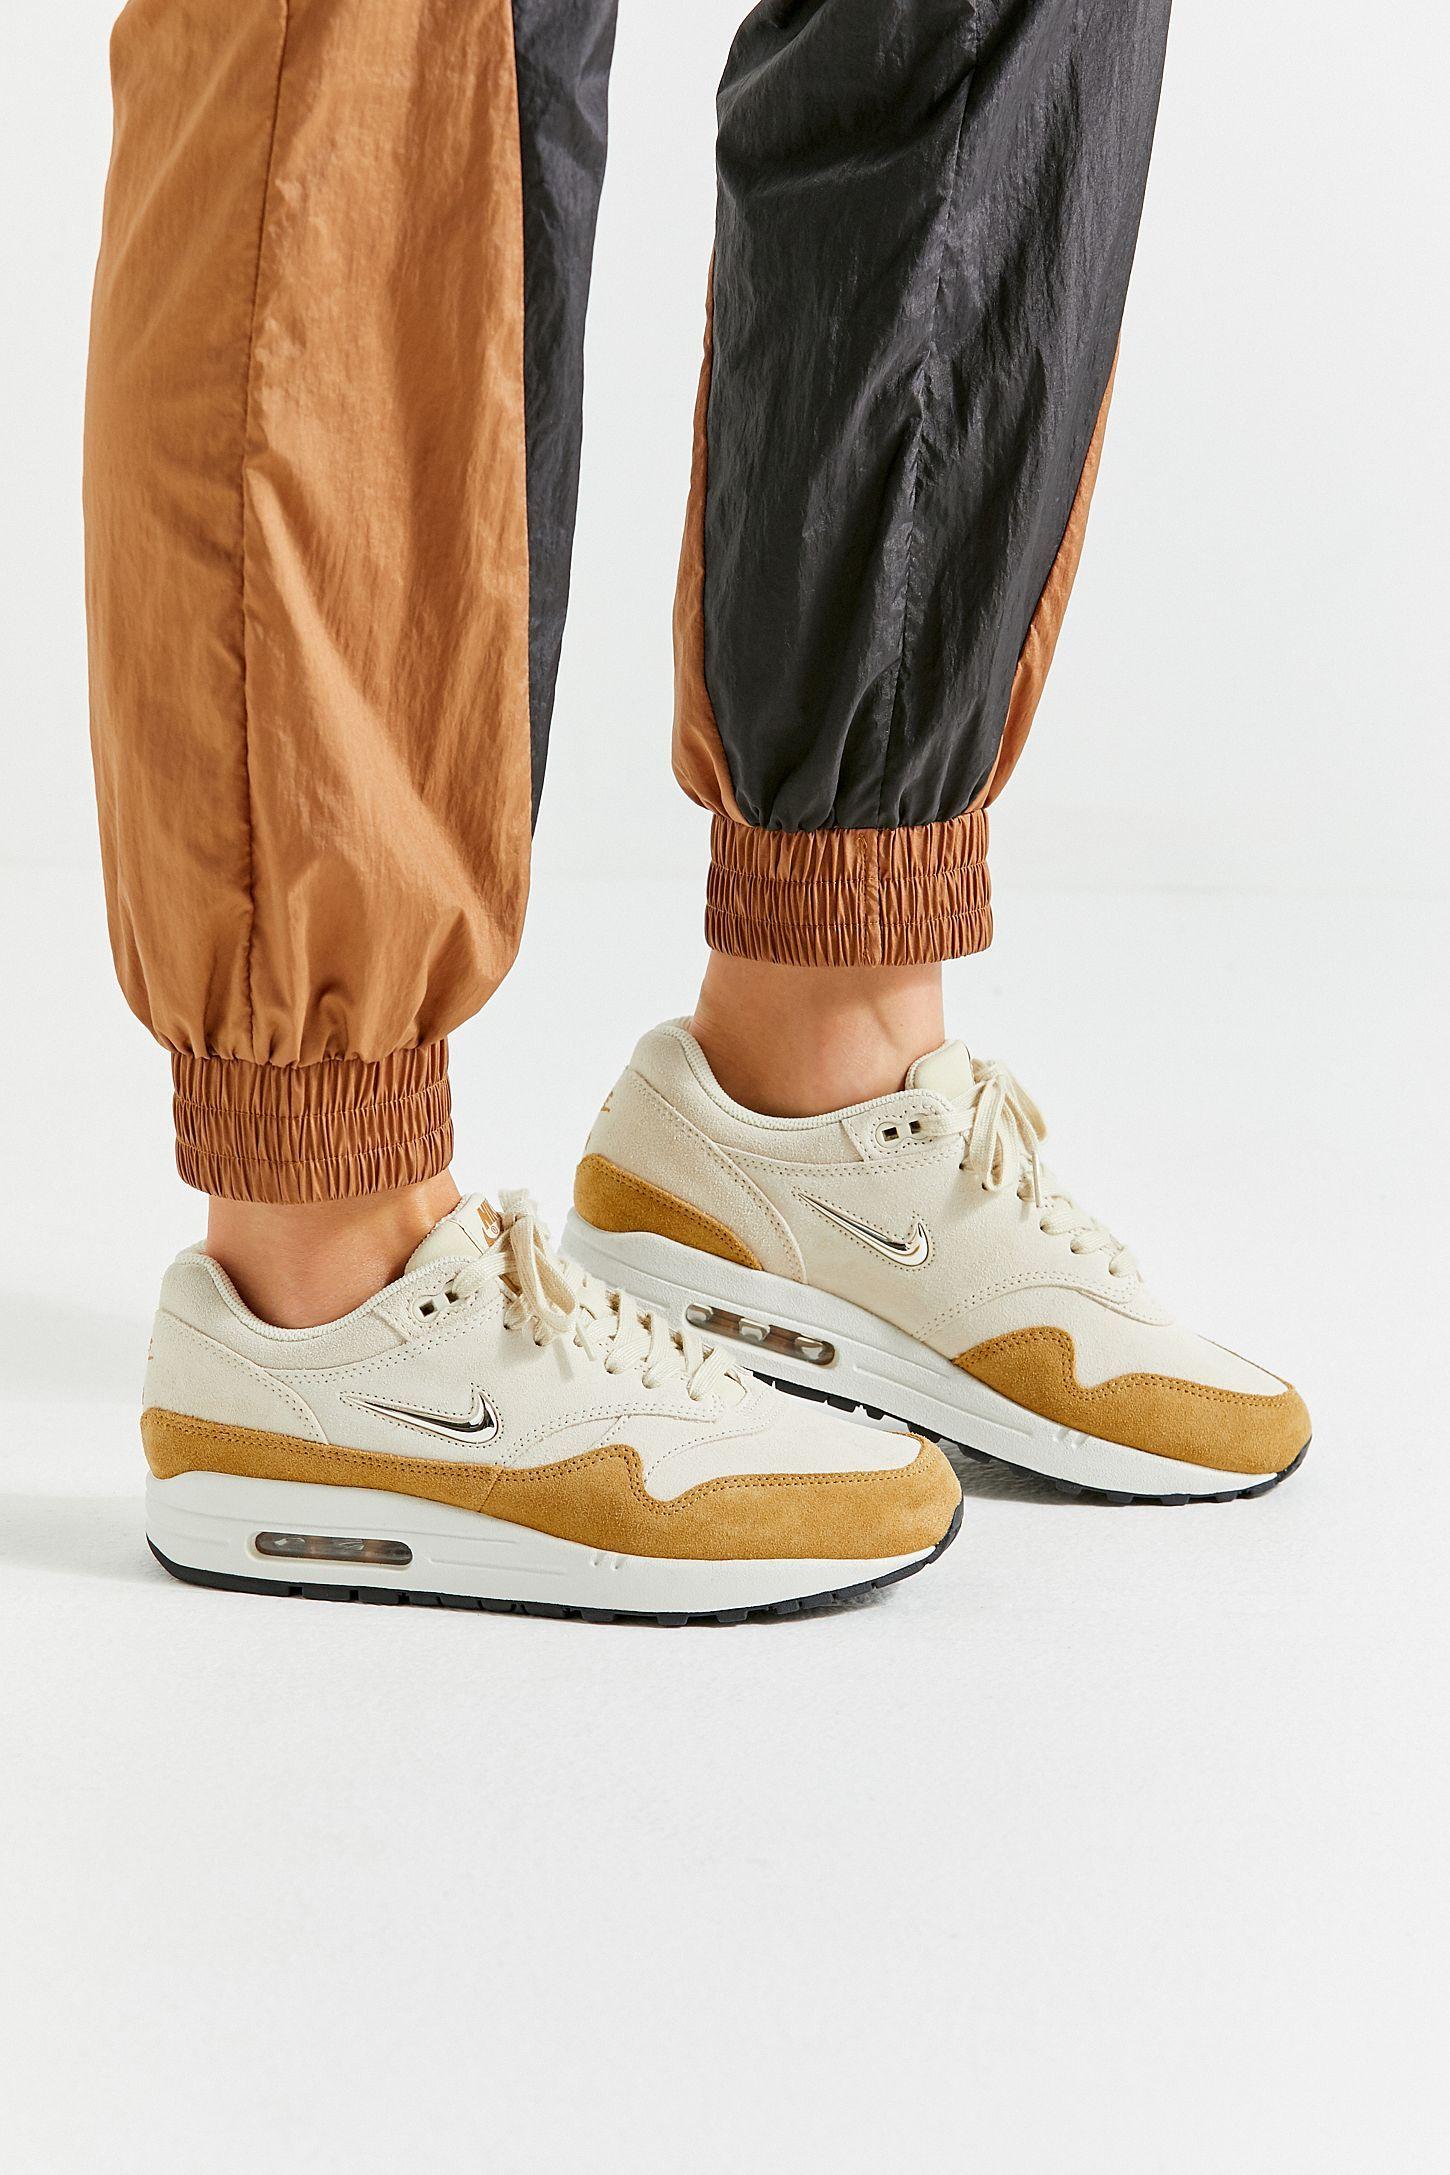 b9648c00ad11 Slide View  6  Nike Air Max 1 Premium SC Sneaker